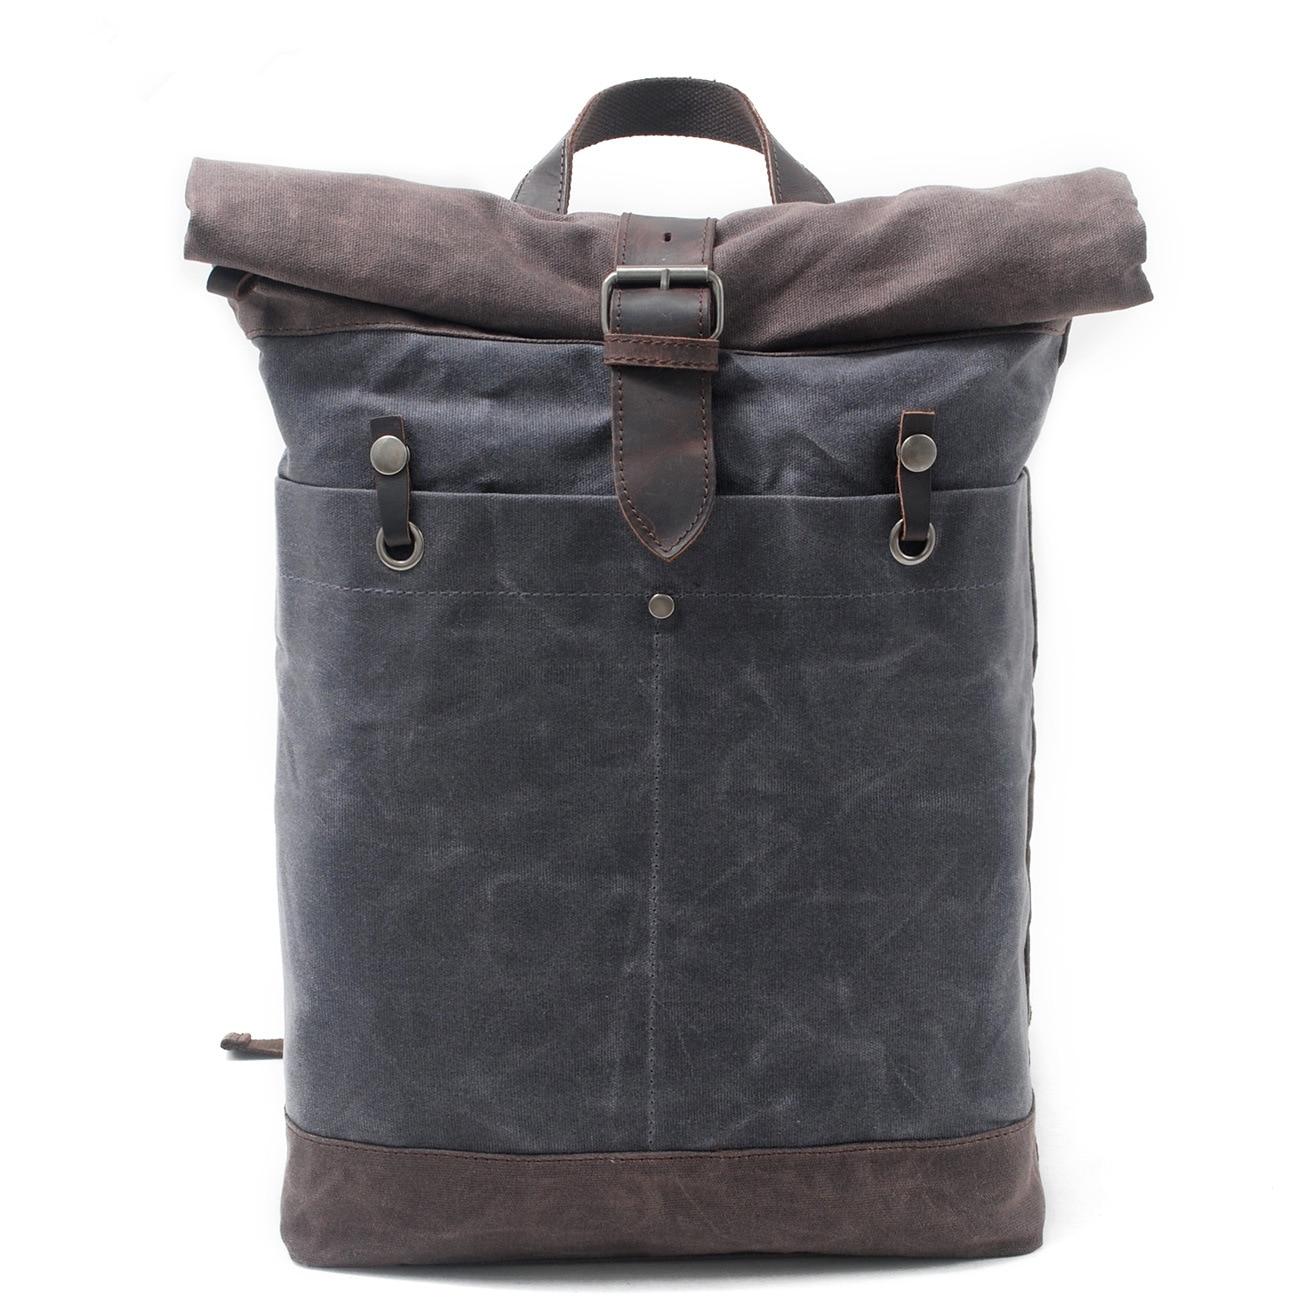 Bolso de cuero de vaquero de lujo para hombre, bolso de lona encerado Batik, mochila enrolladas, bolsa de viaje impermeable para hombre